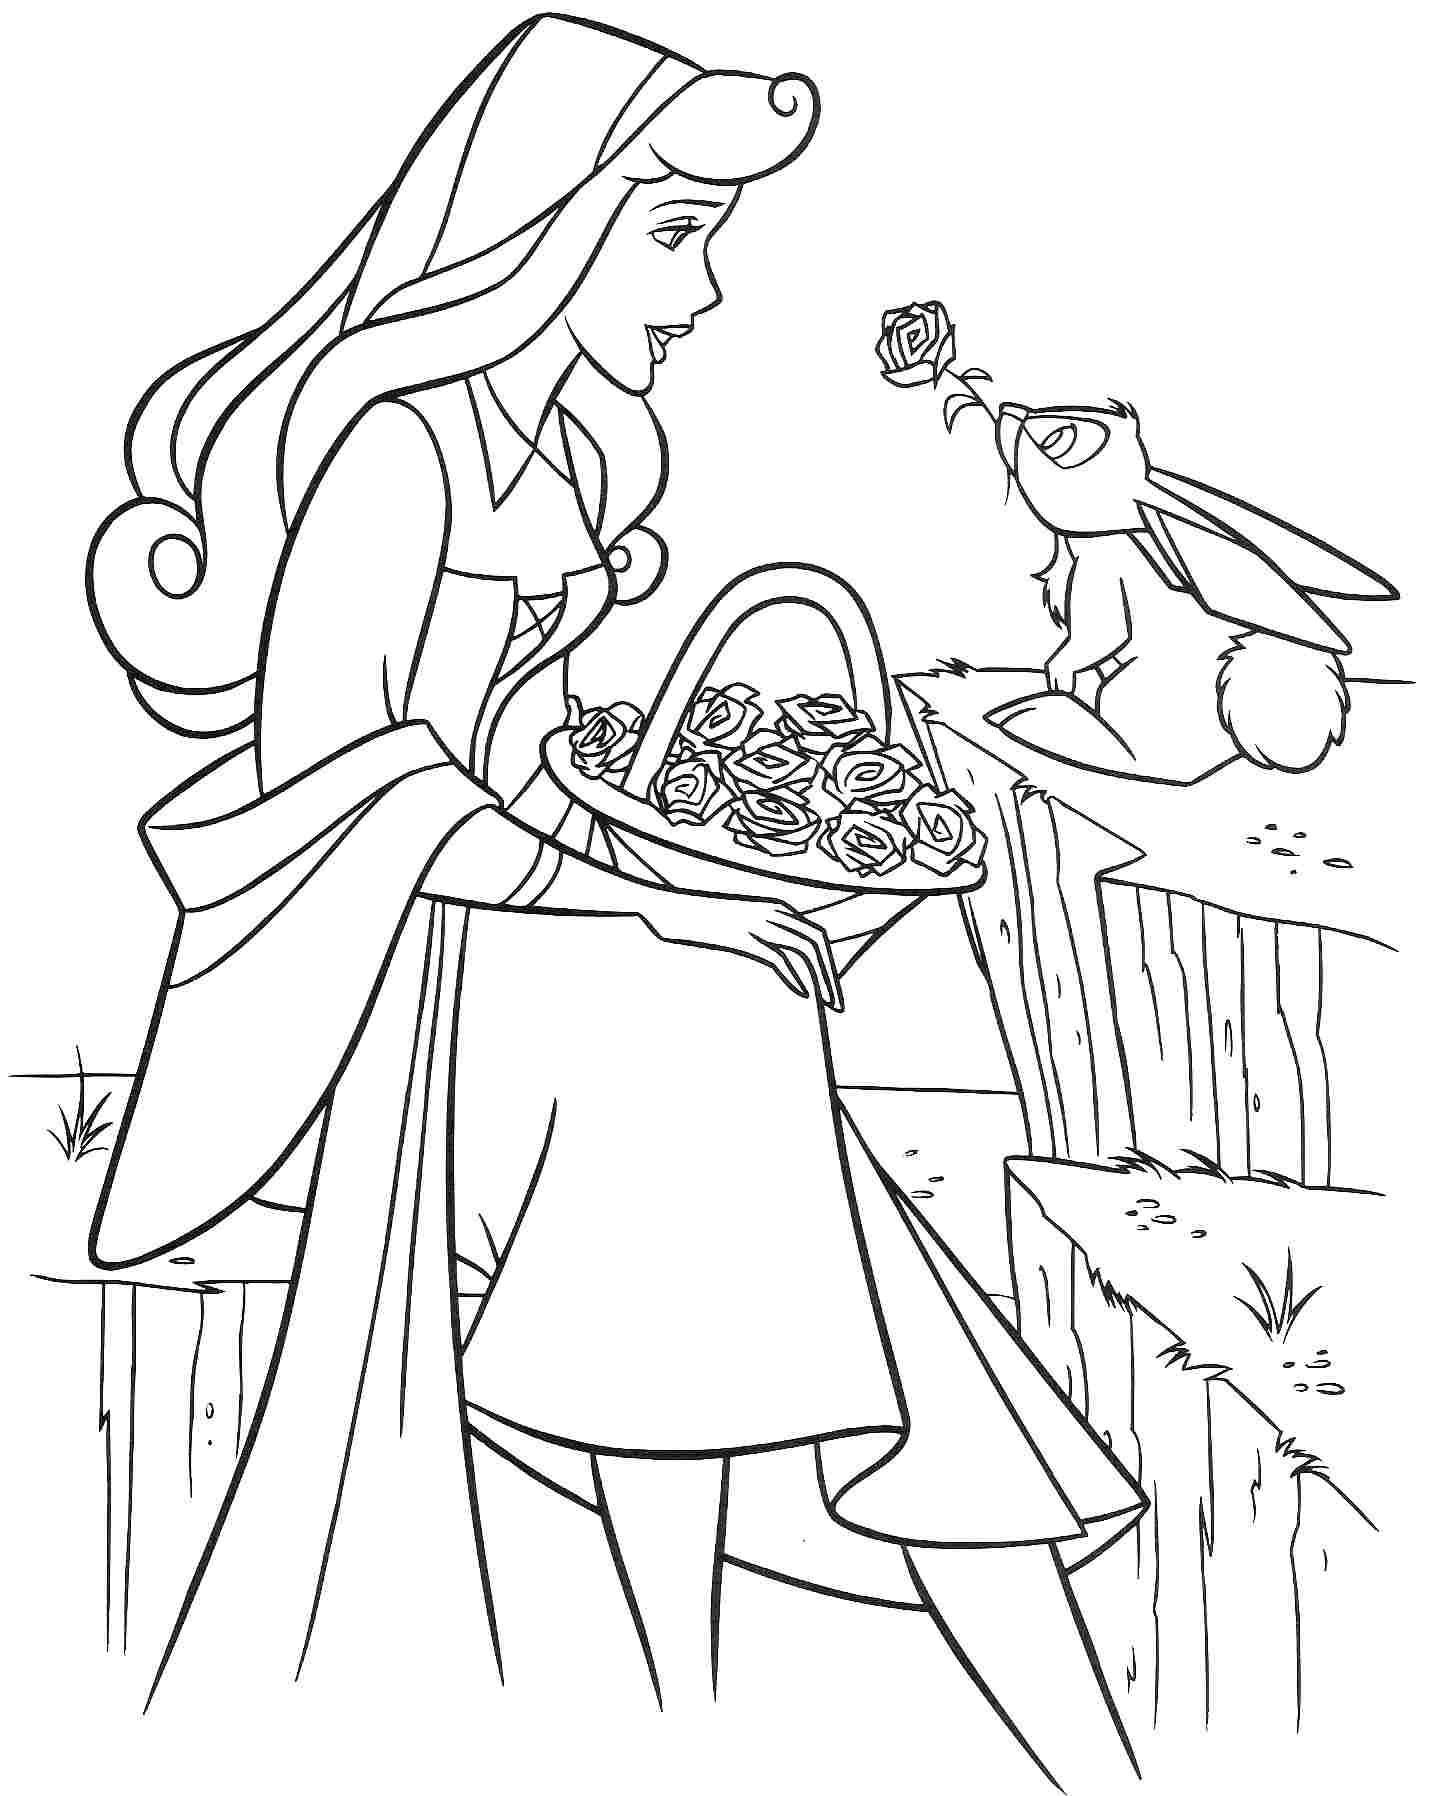 Раскраски принцесса Дисней для девочек «Принцесса Аврора с цветами», чтобы распечатать